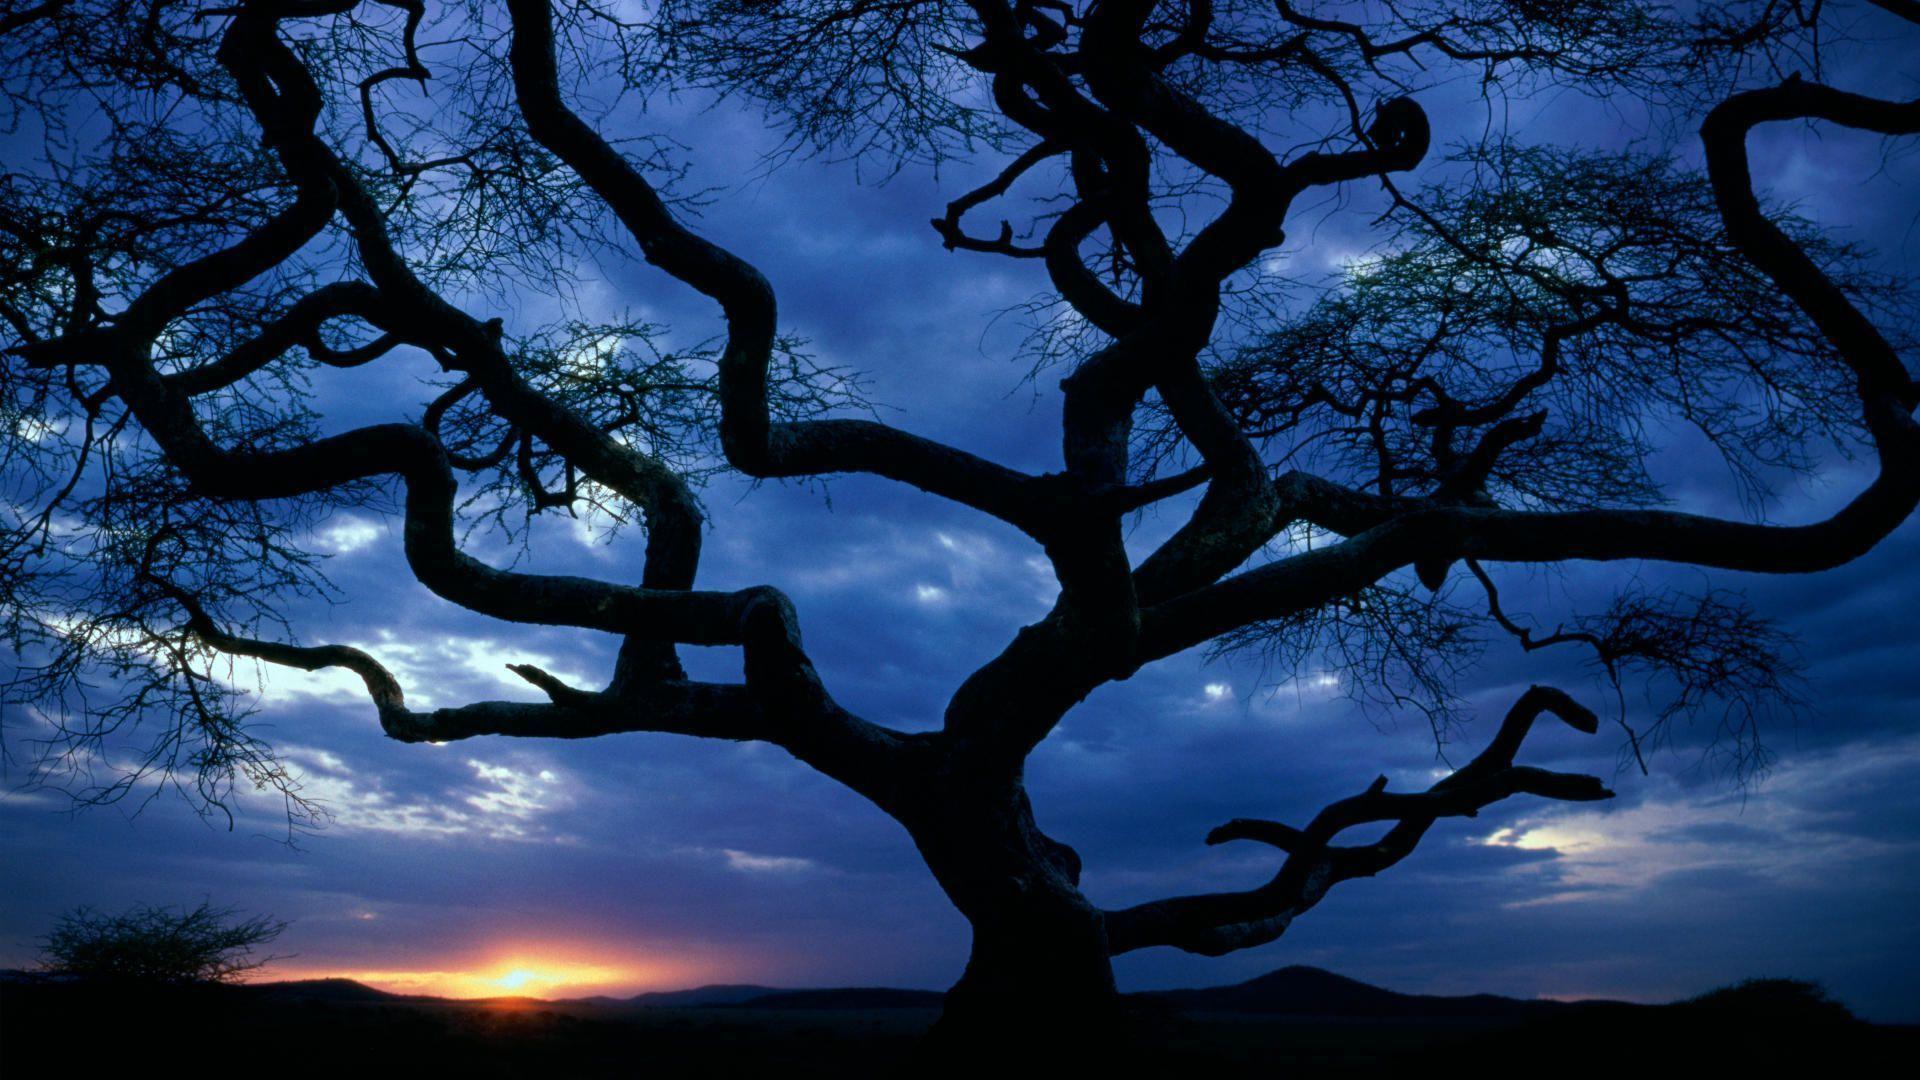 Serengeti National Park Safari Wallpaper